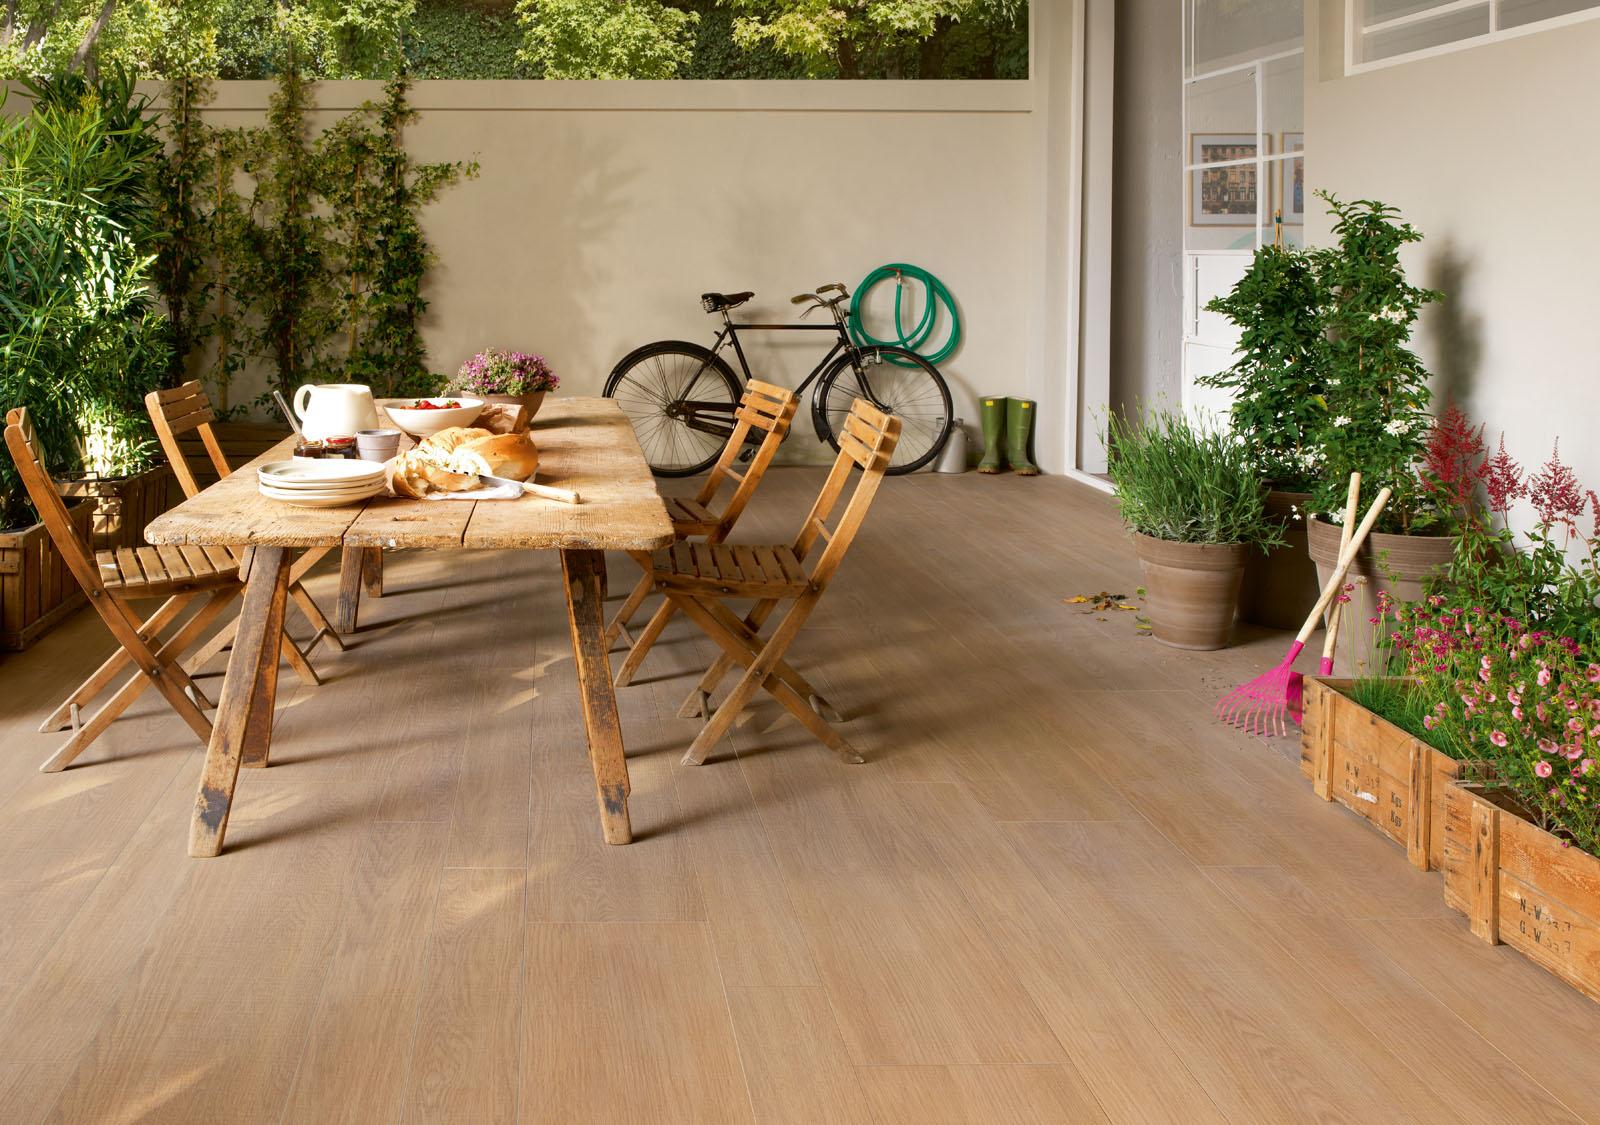 Piastrelle Per Esterni Effetto Legno : Piastrelle per veranda esterna piastrelle per esterni pavimenti